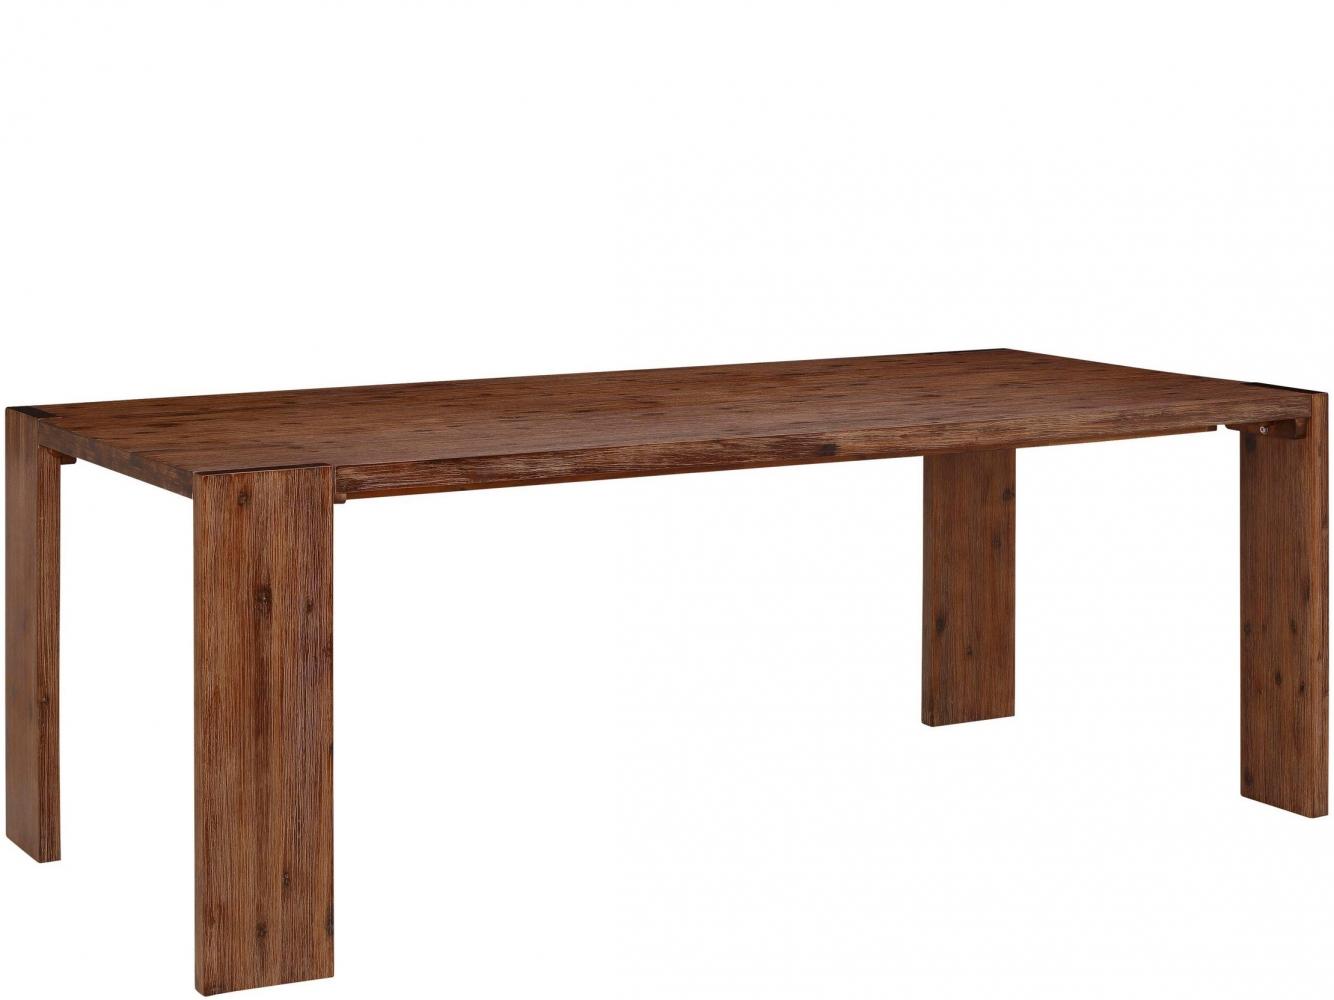 Jídelní stůl Jima, 220 cm, hnědá